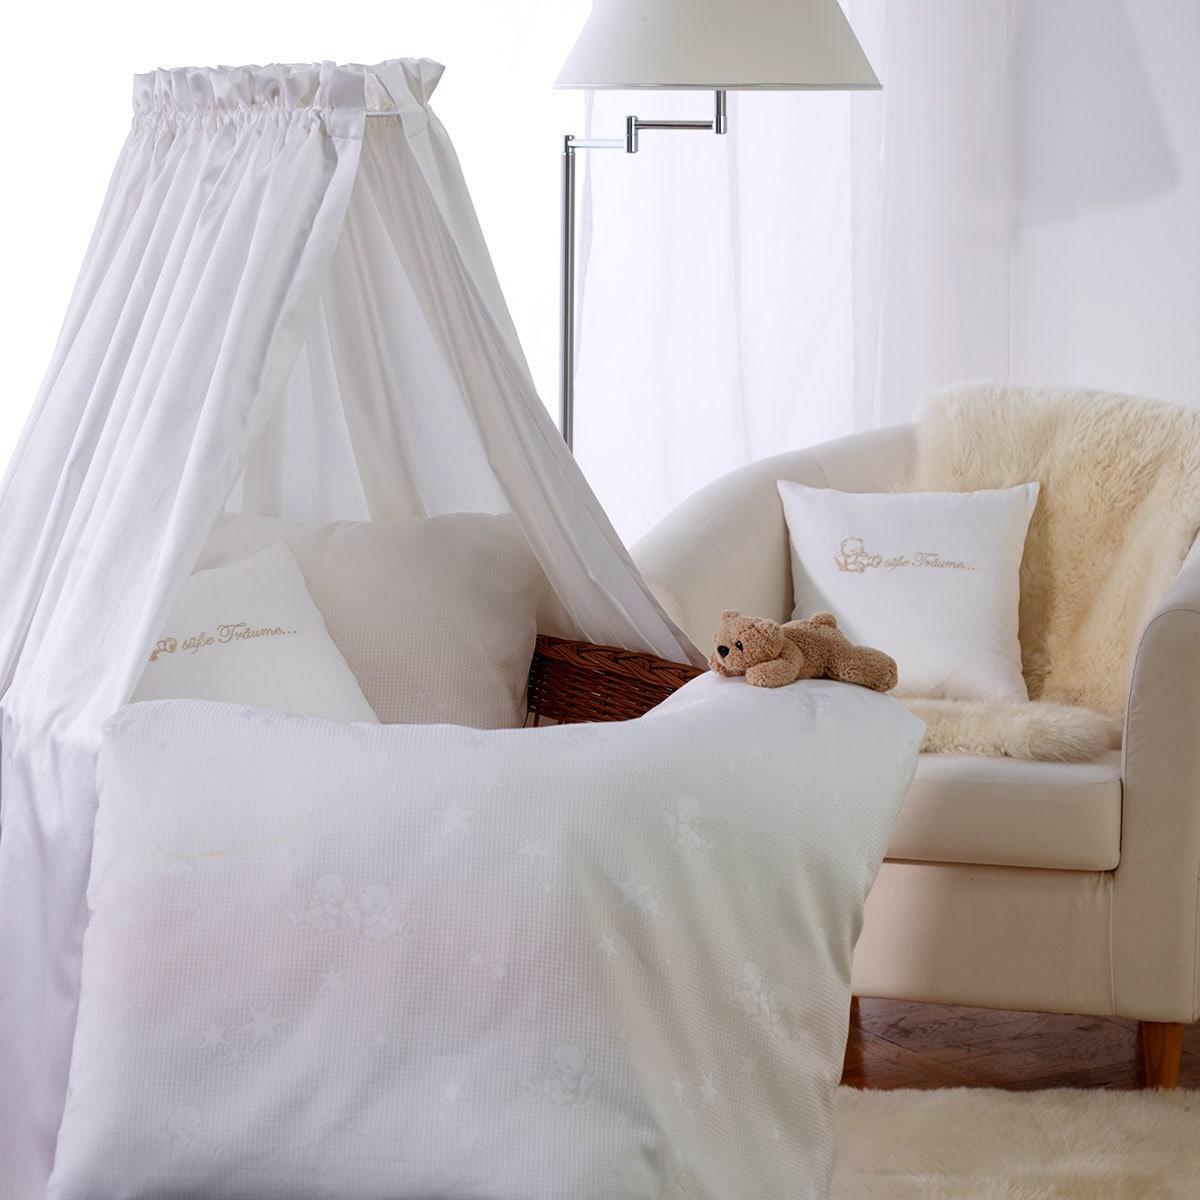 curt bauer mako brokat damast bettw sche kleiner stern natur g nstig online kaufen bei bettwaren. Black Bedroom Furniture Sets. Home Design Ideas